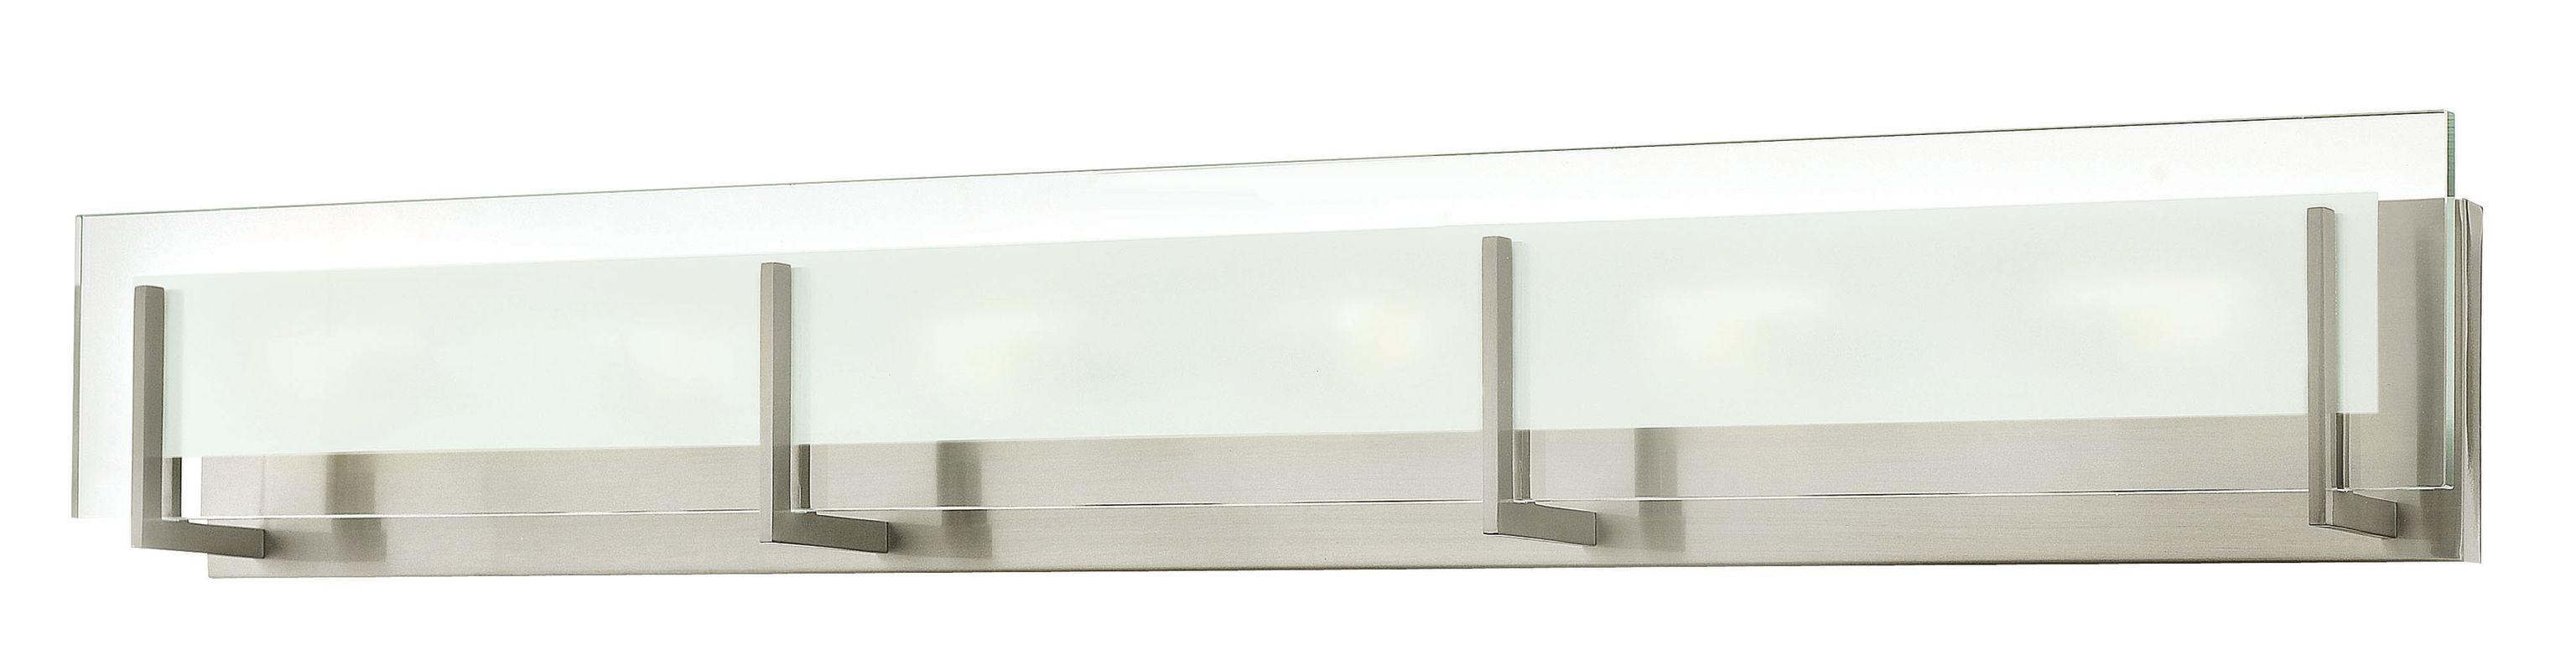 Hinkley Lighting 5656-LED 6 Light ADA Compliant LED Bath Bar from the Sale $679.00 ITEM#: 2635597 MODEL# :5656BN-LED2 UPC#: 640665565652 :